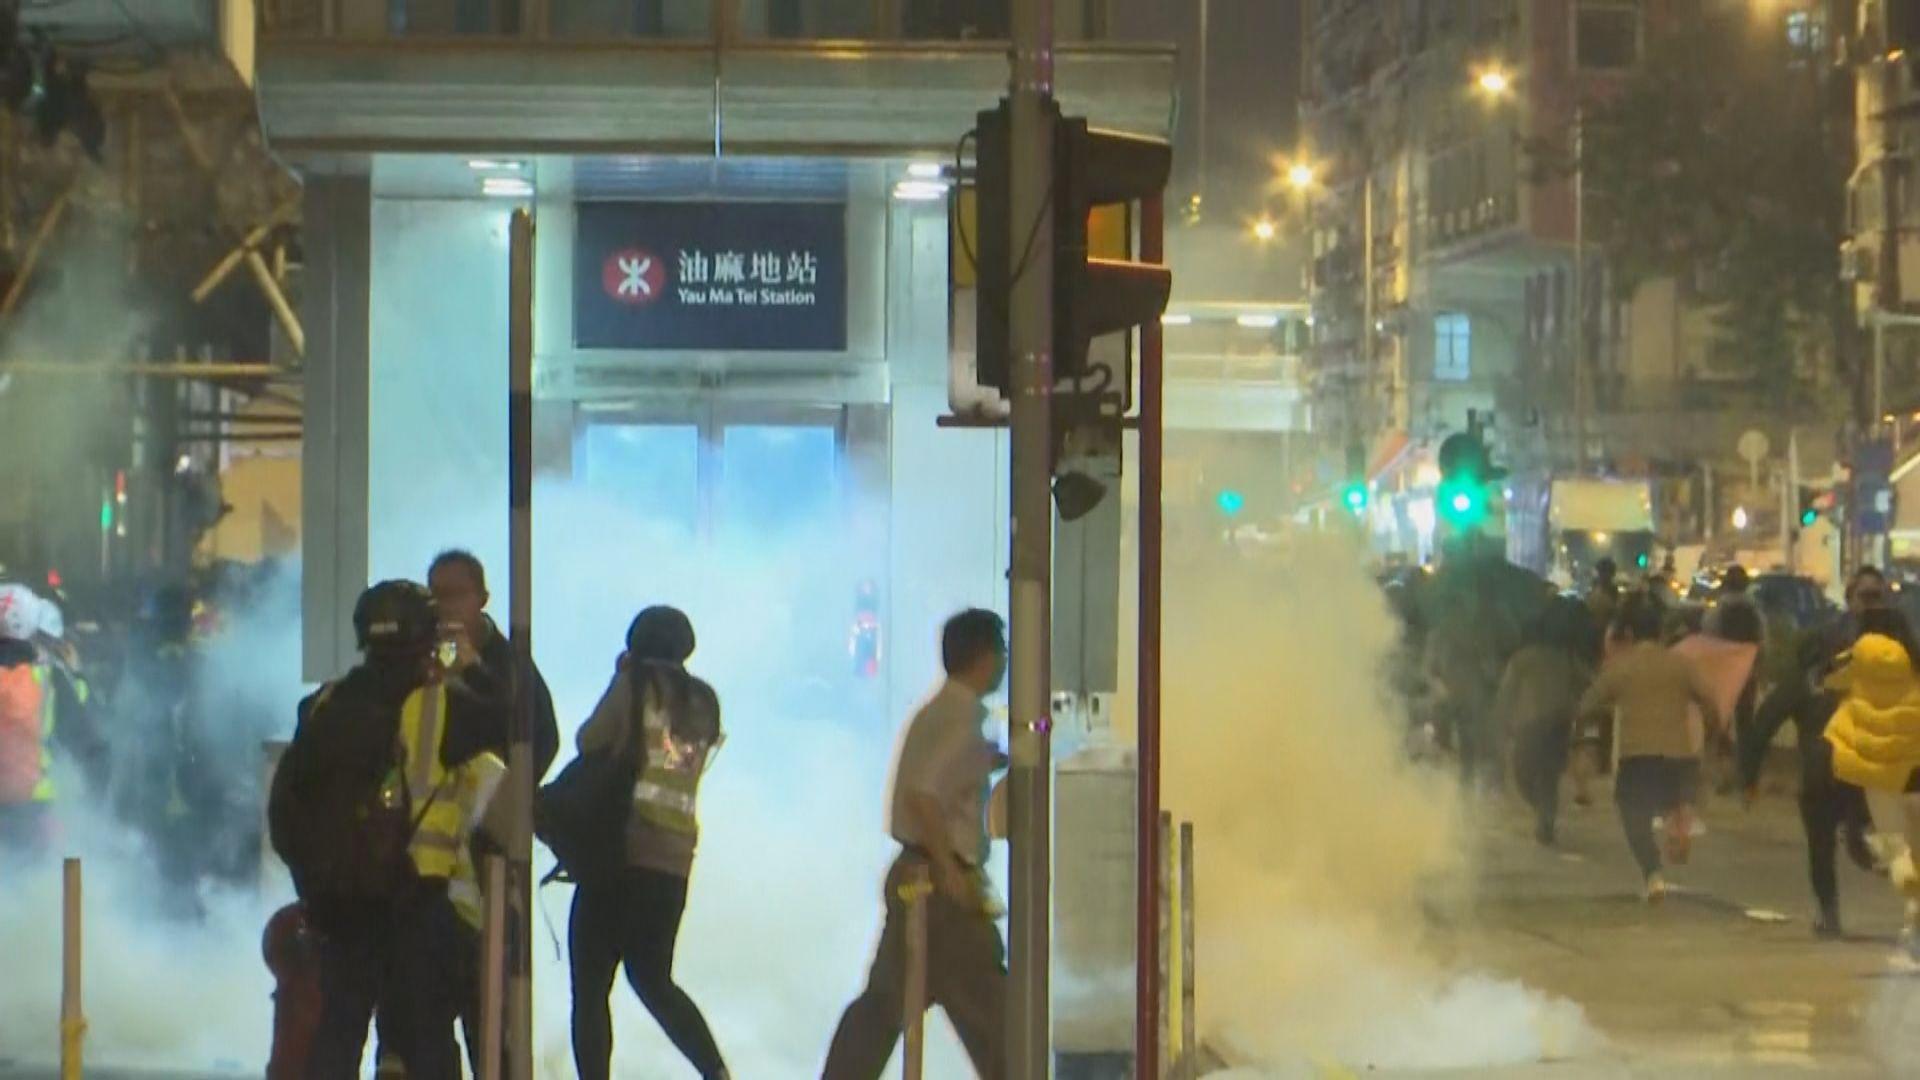 彌敦道有人放煙火縱火迎接新年 防暴警施放催淚彈